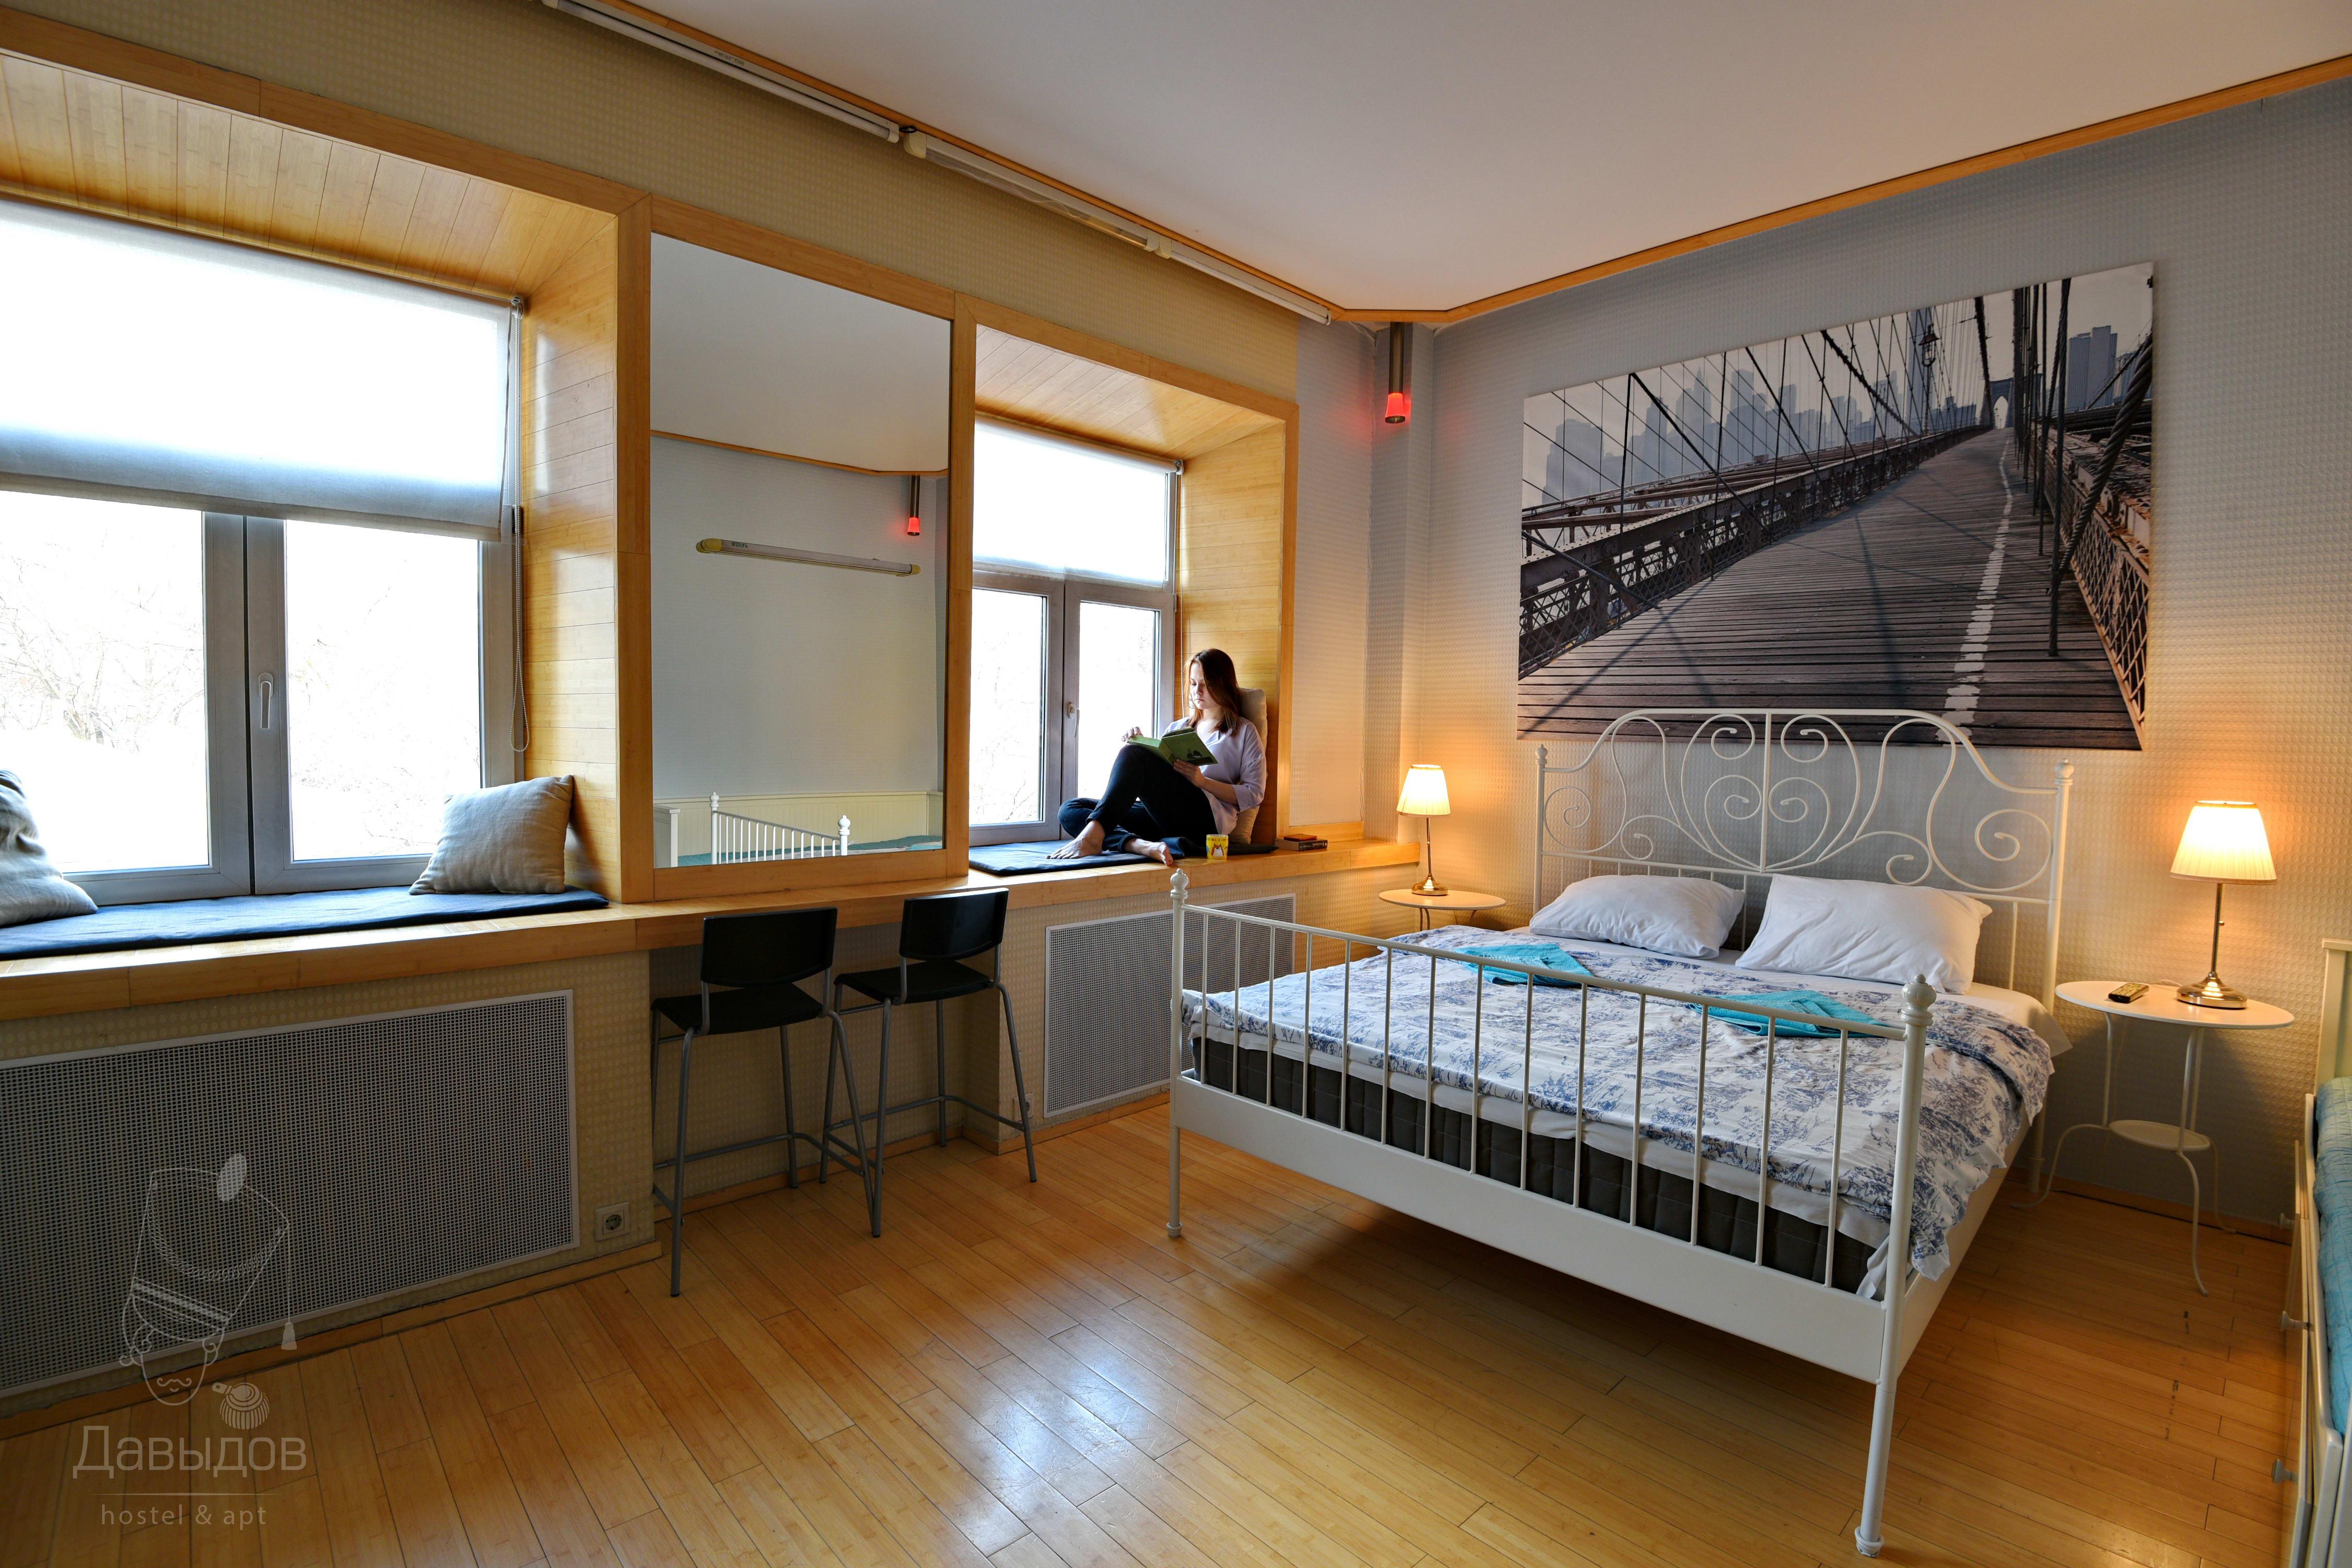 HOSTEL - Davydov Hostel